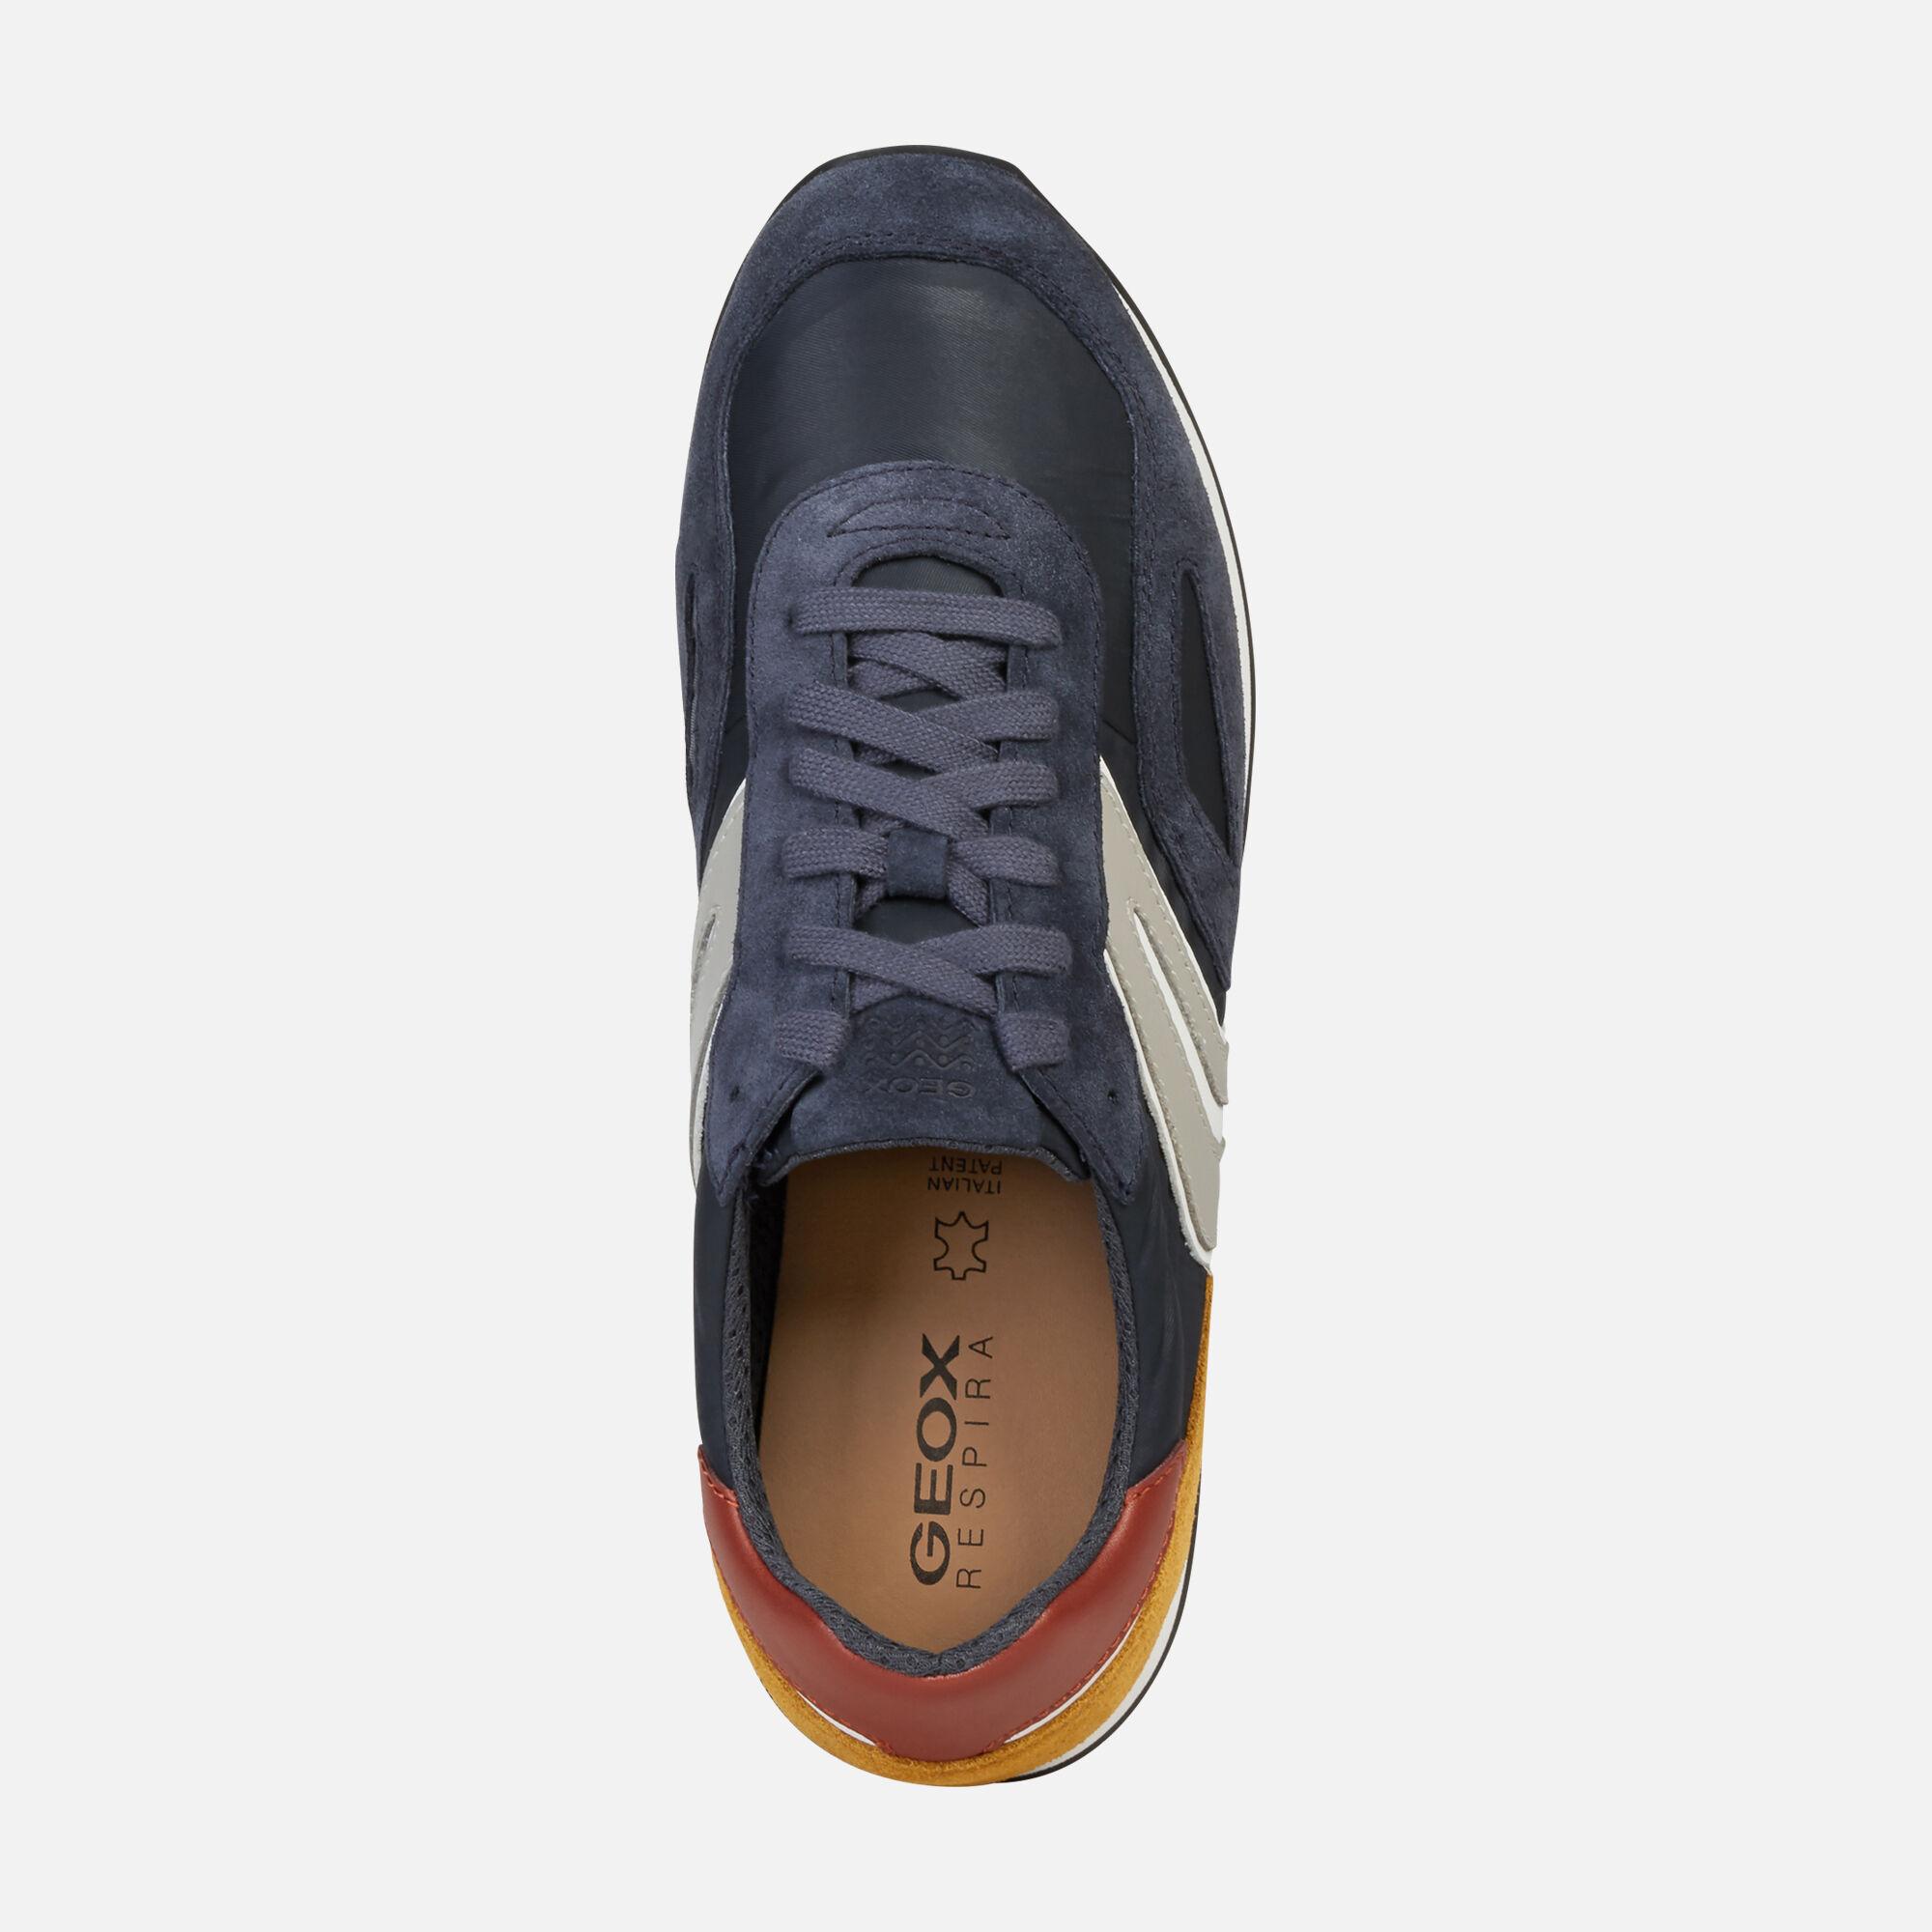 Geox Uomo Sneakers Vendita Italia: Prezzi Sconti Geox Uomo